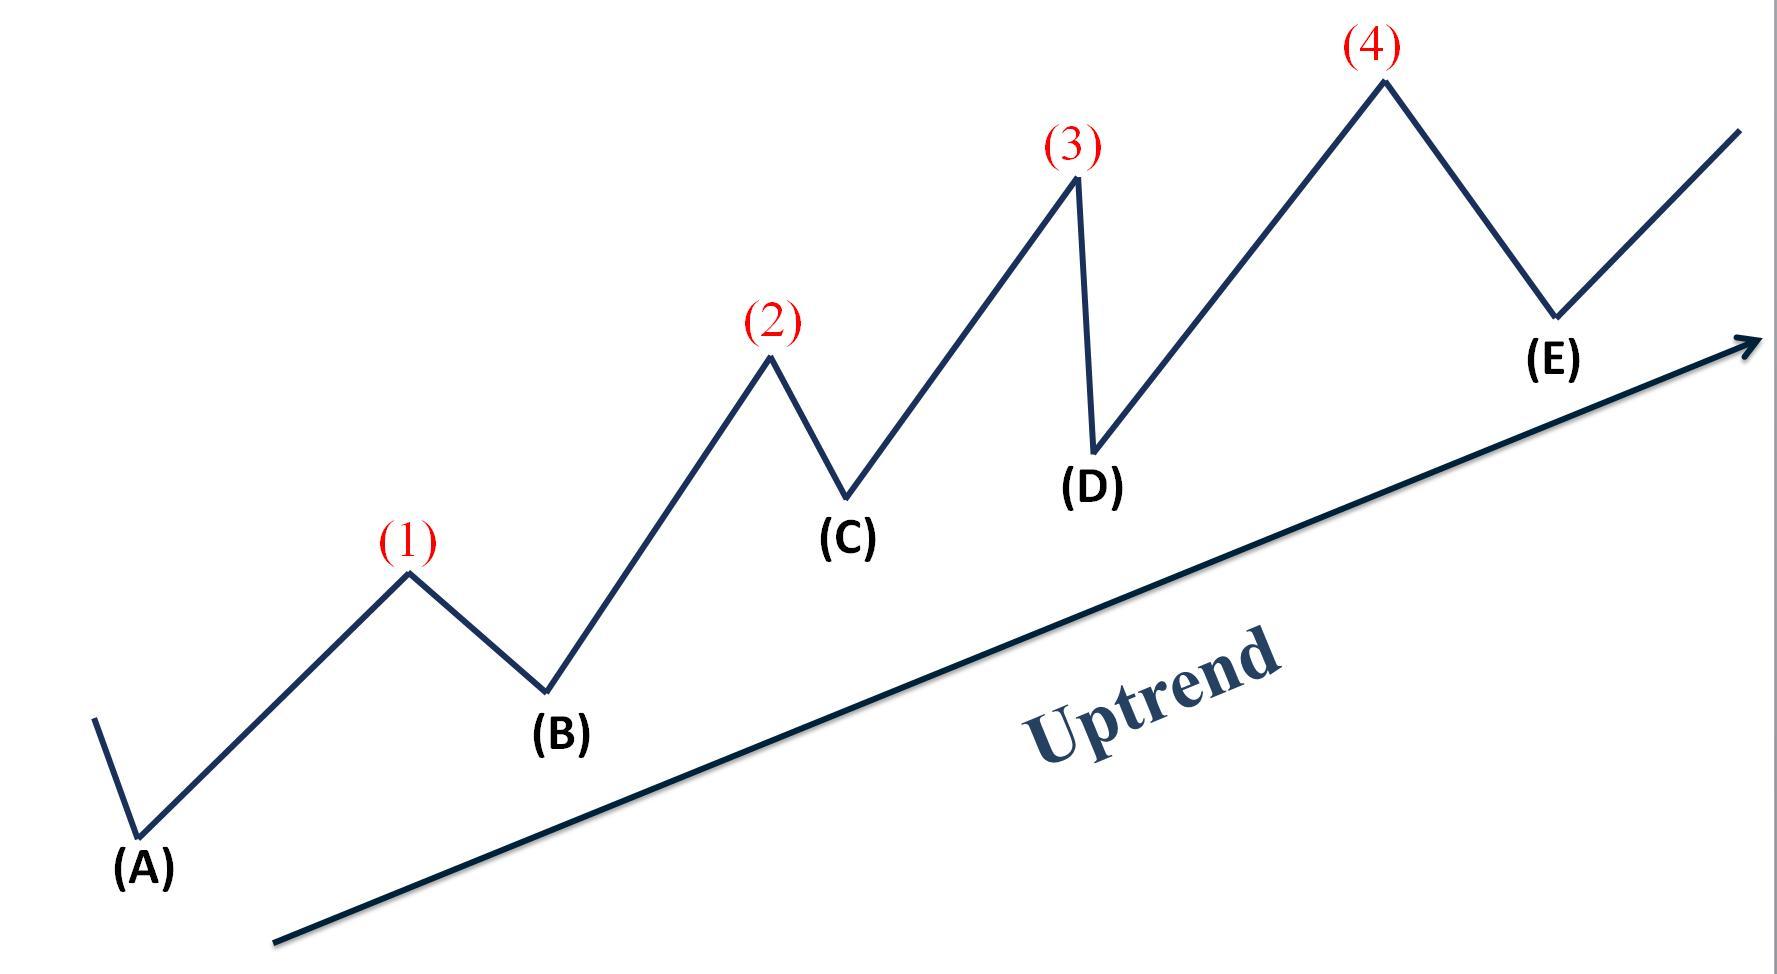 Características básicas de uma tendência de alta